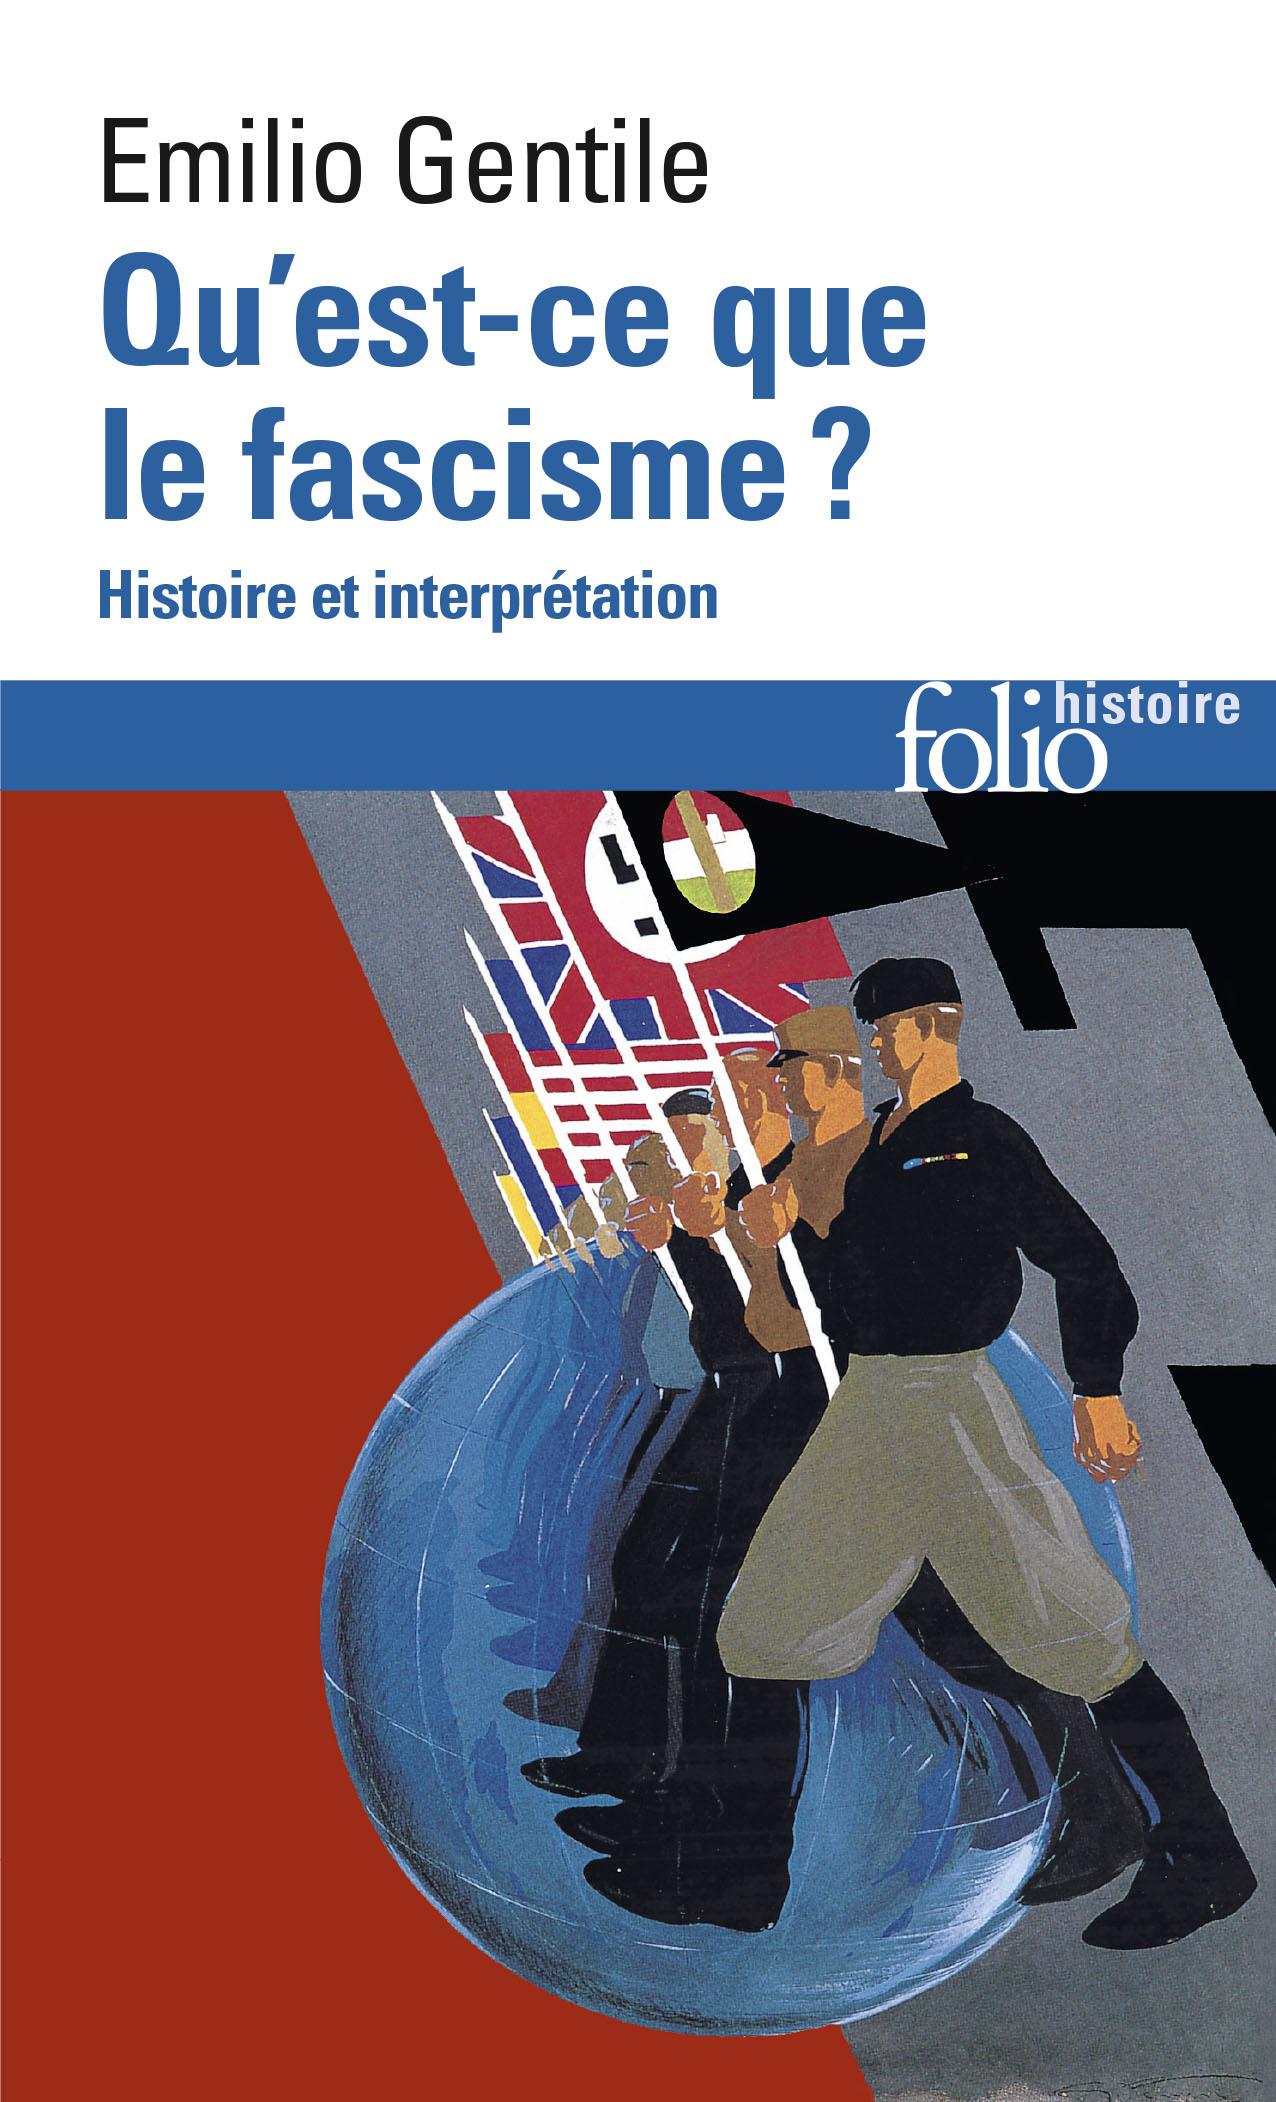 QU'EST-CE QUE LE FASCISME ? HISTOIRE ET INTERPRETATION